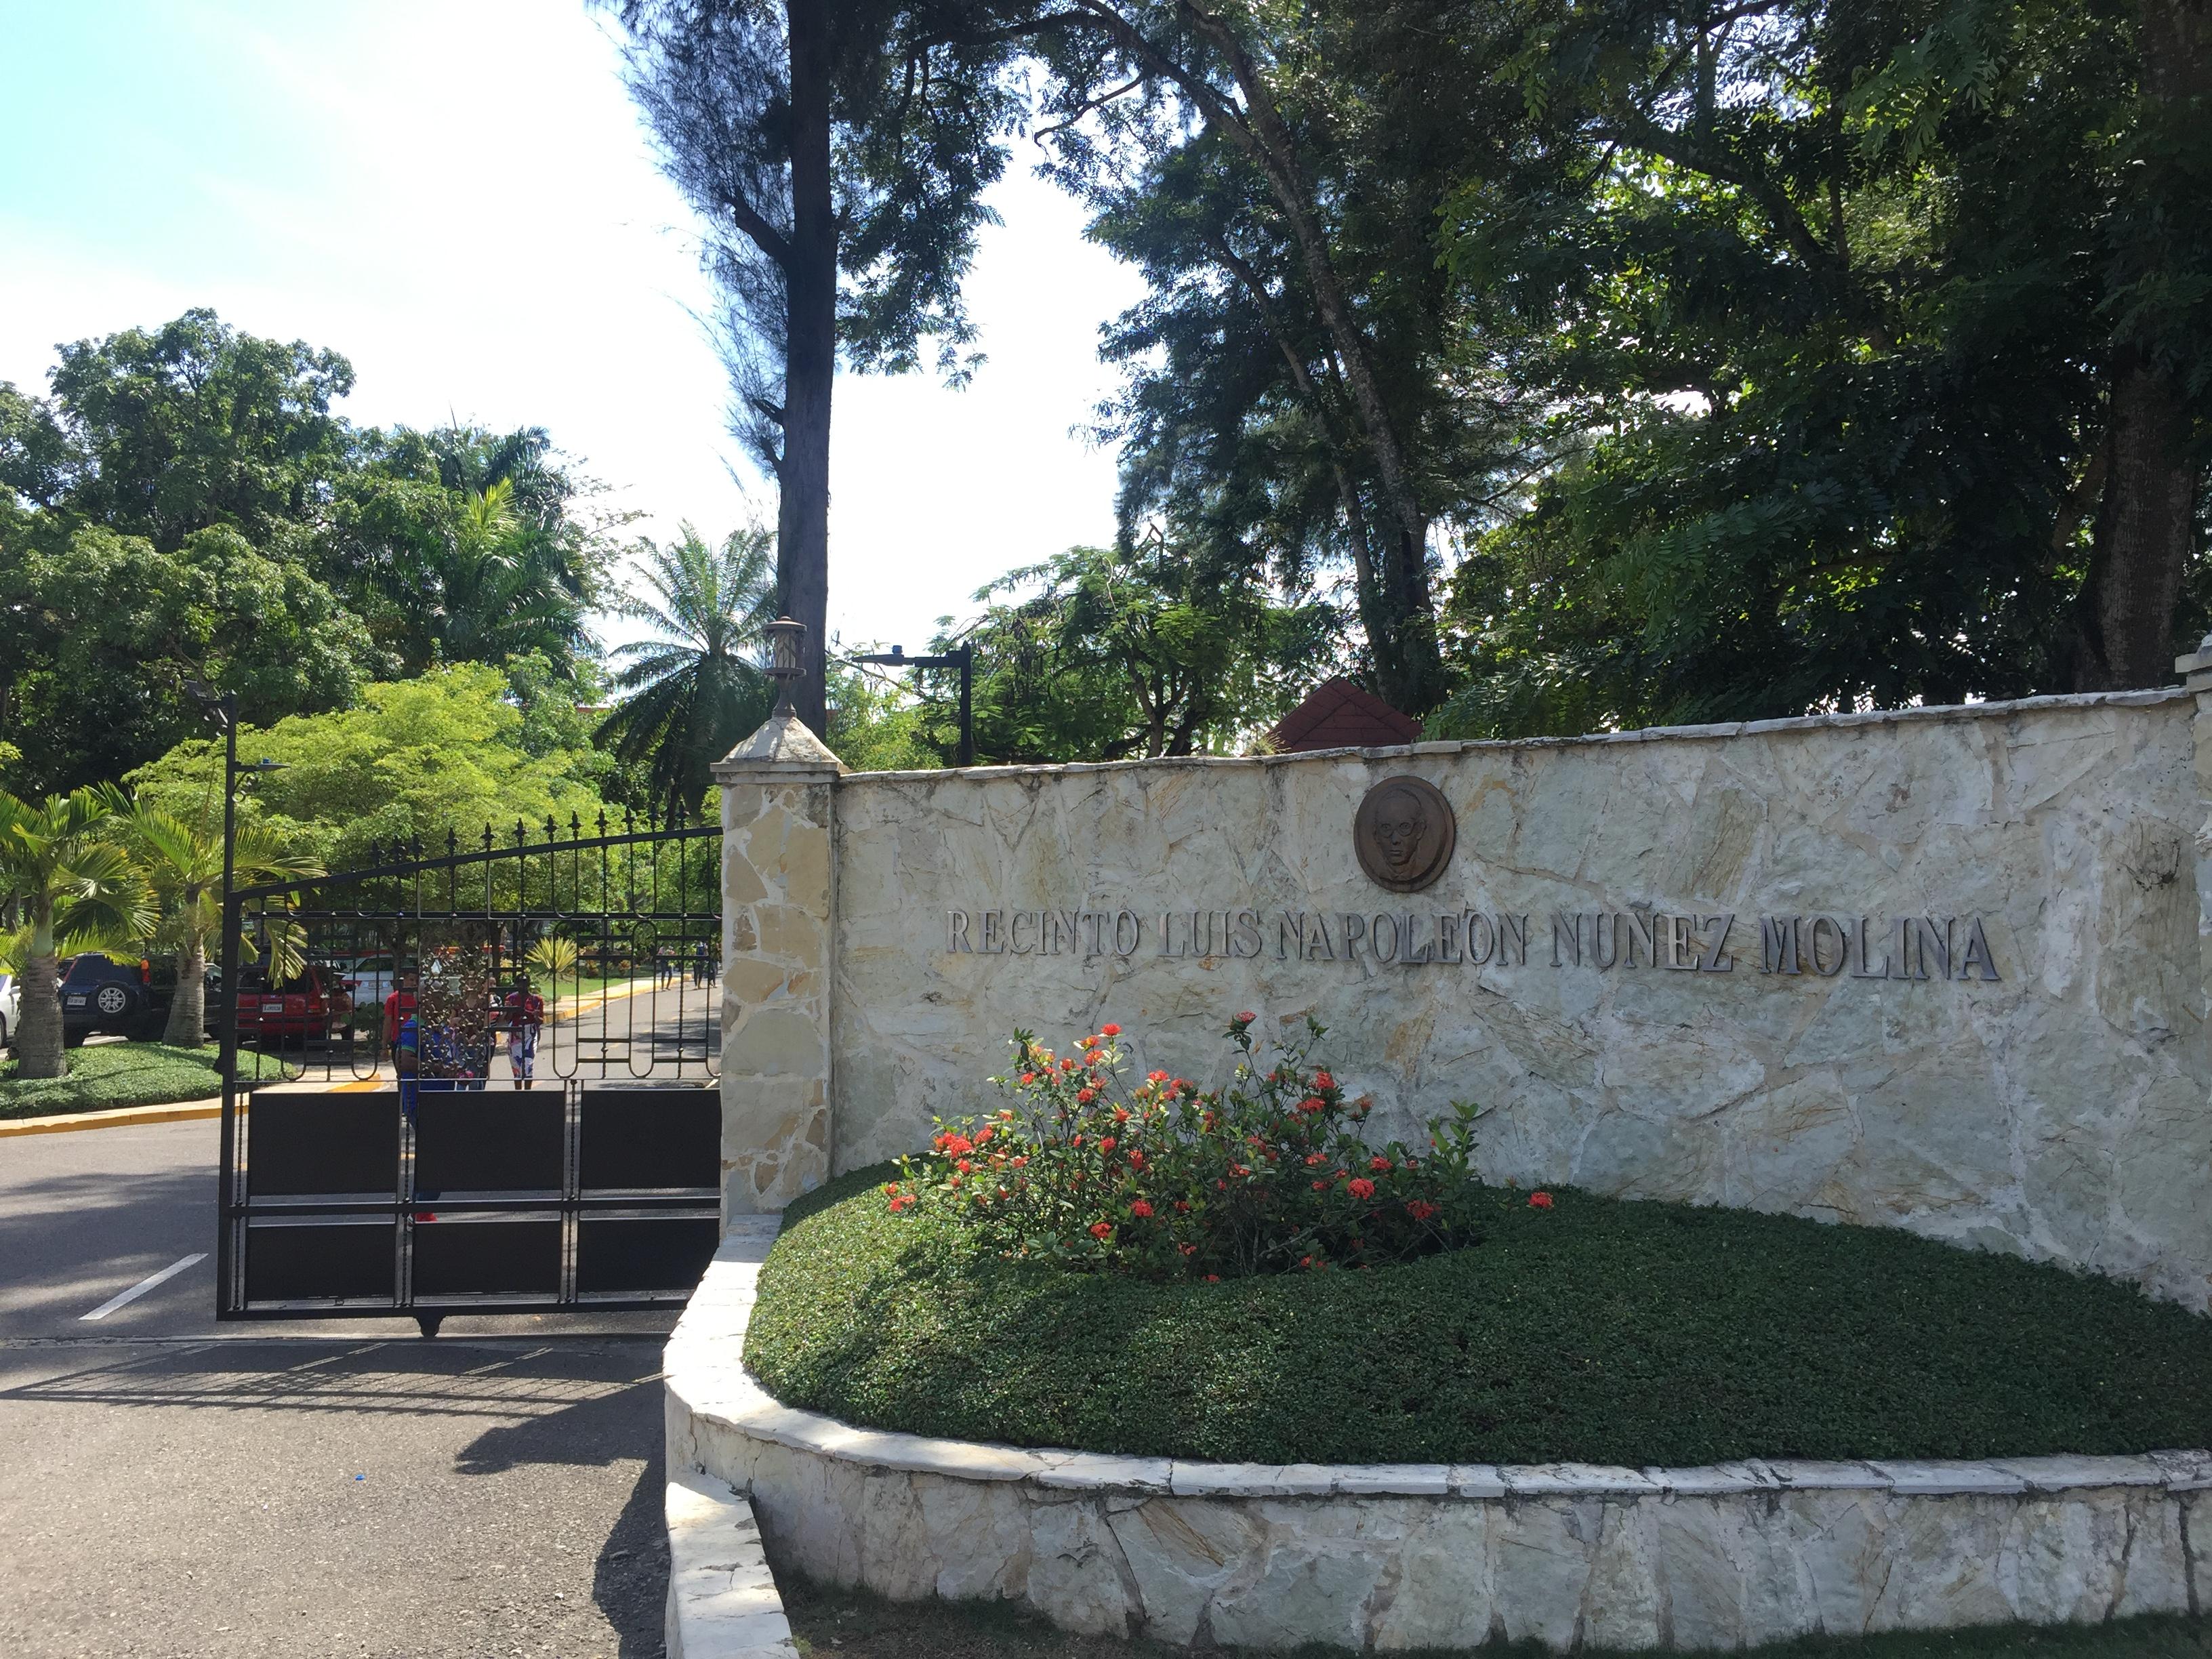 ドミニカの教員養成学校